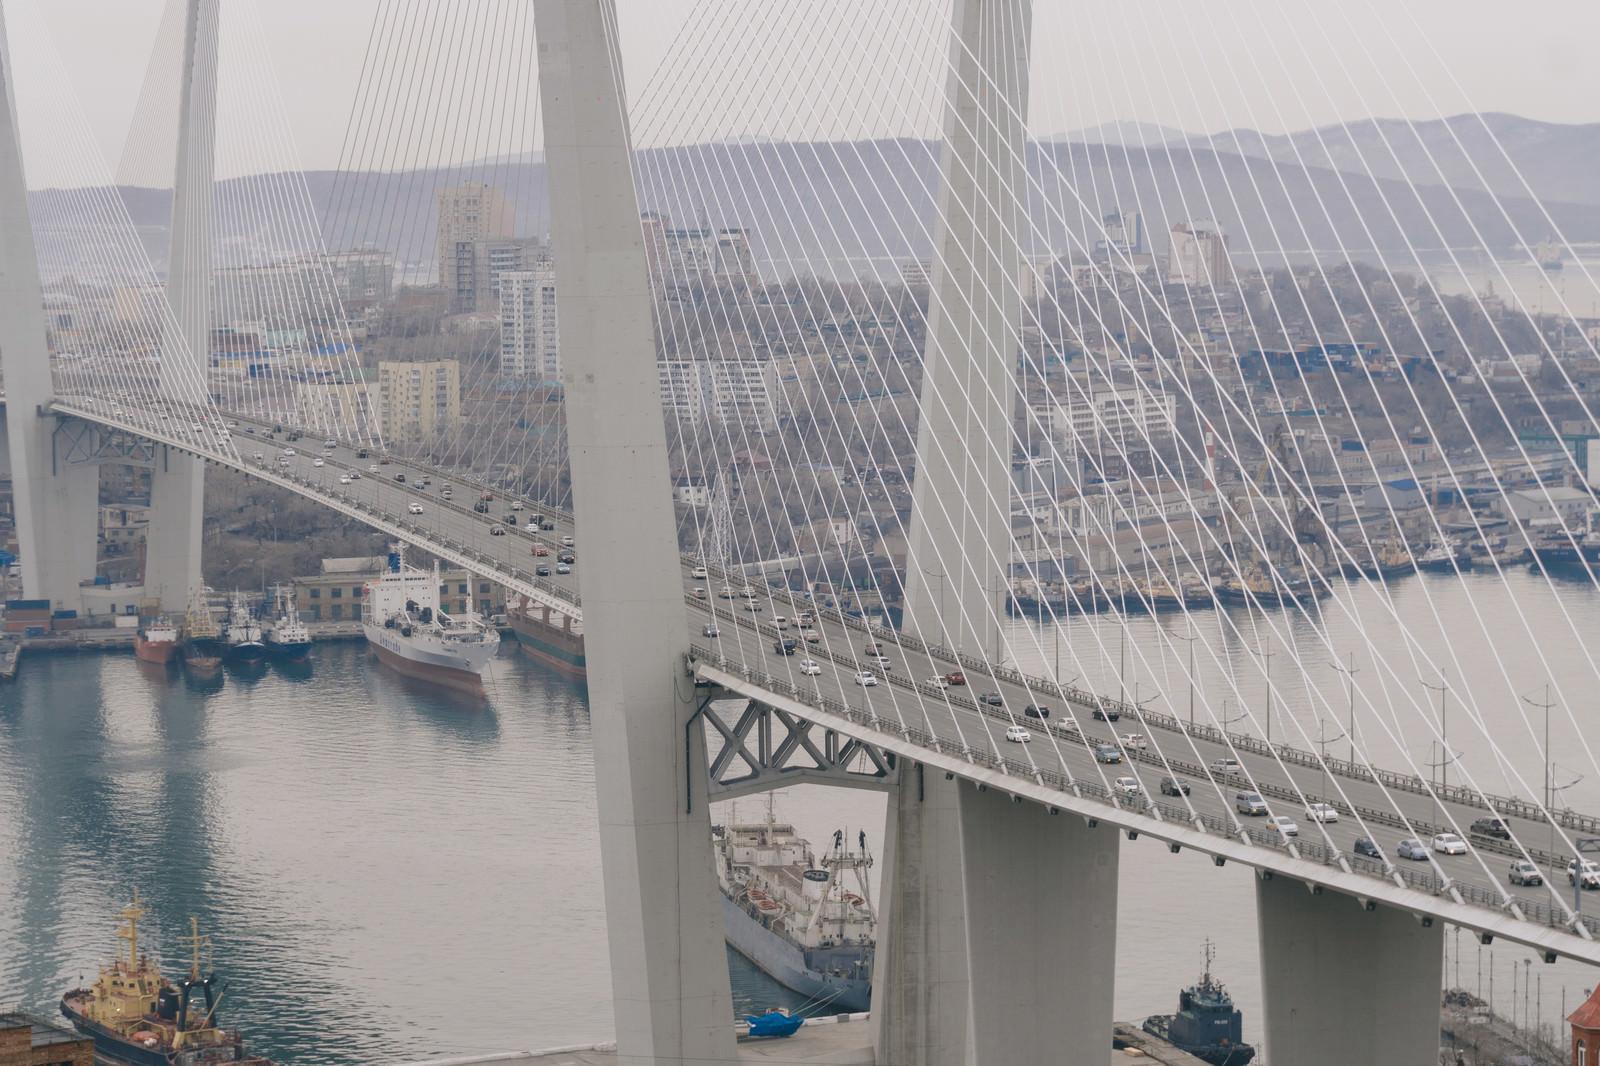 「ウラジオストクの黄金橋ウラジオストクの黄金橋」のフリー写真素材を拡大